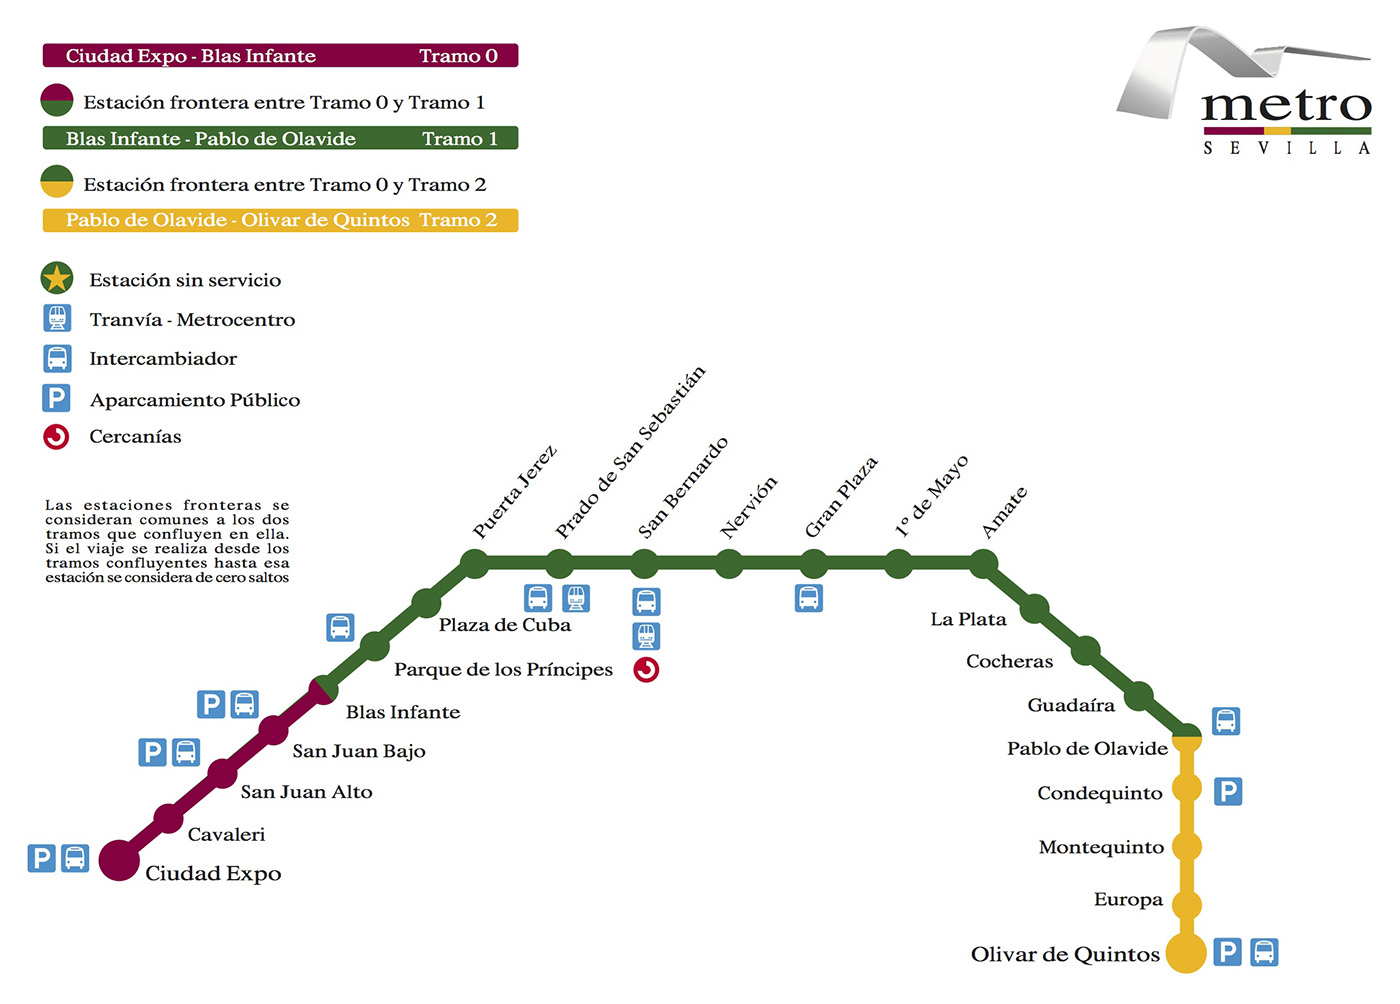 塞维利亚地铁导览图 @塞维利亚地铁官网